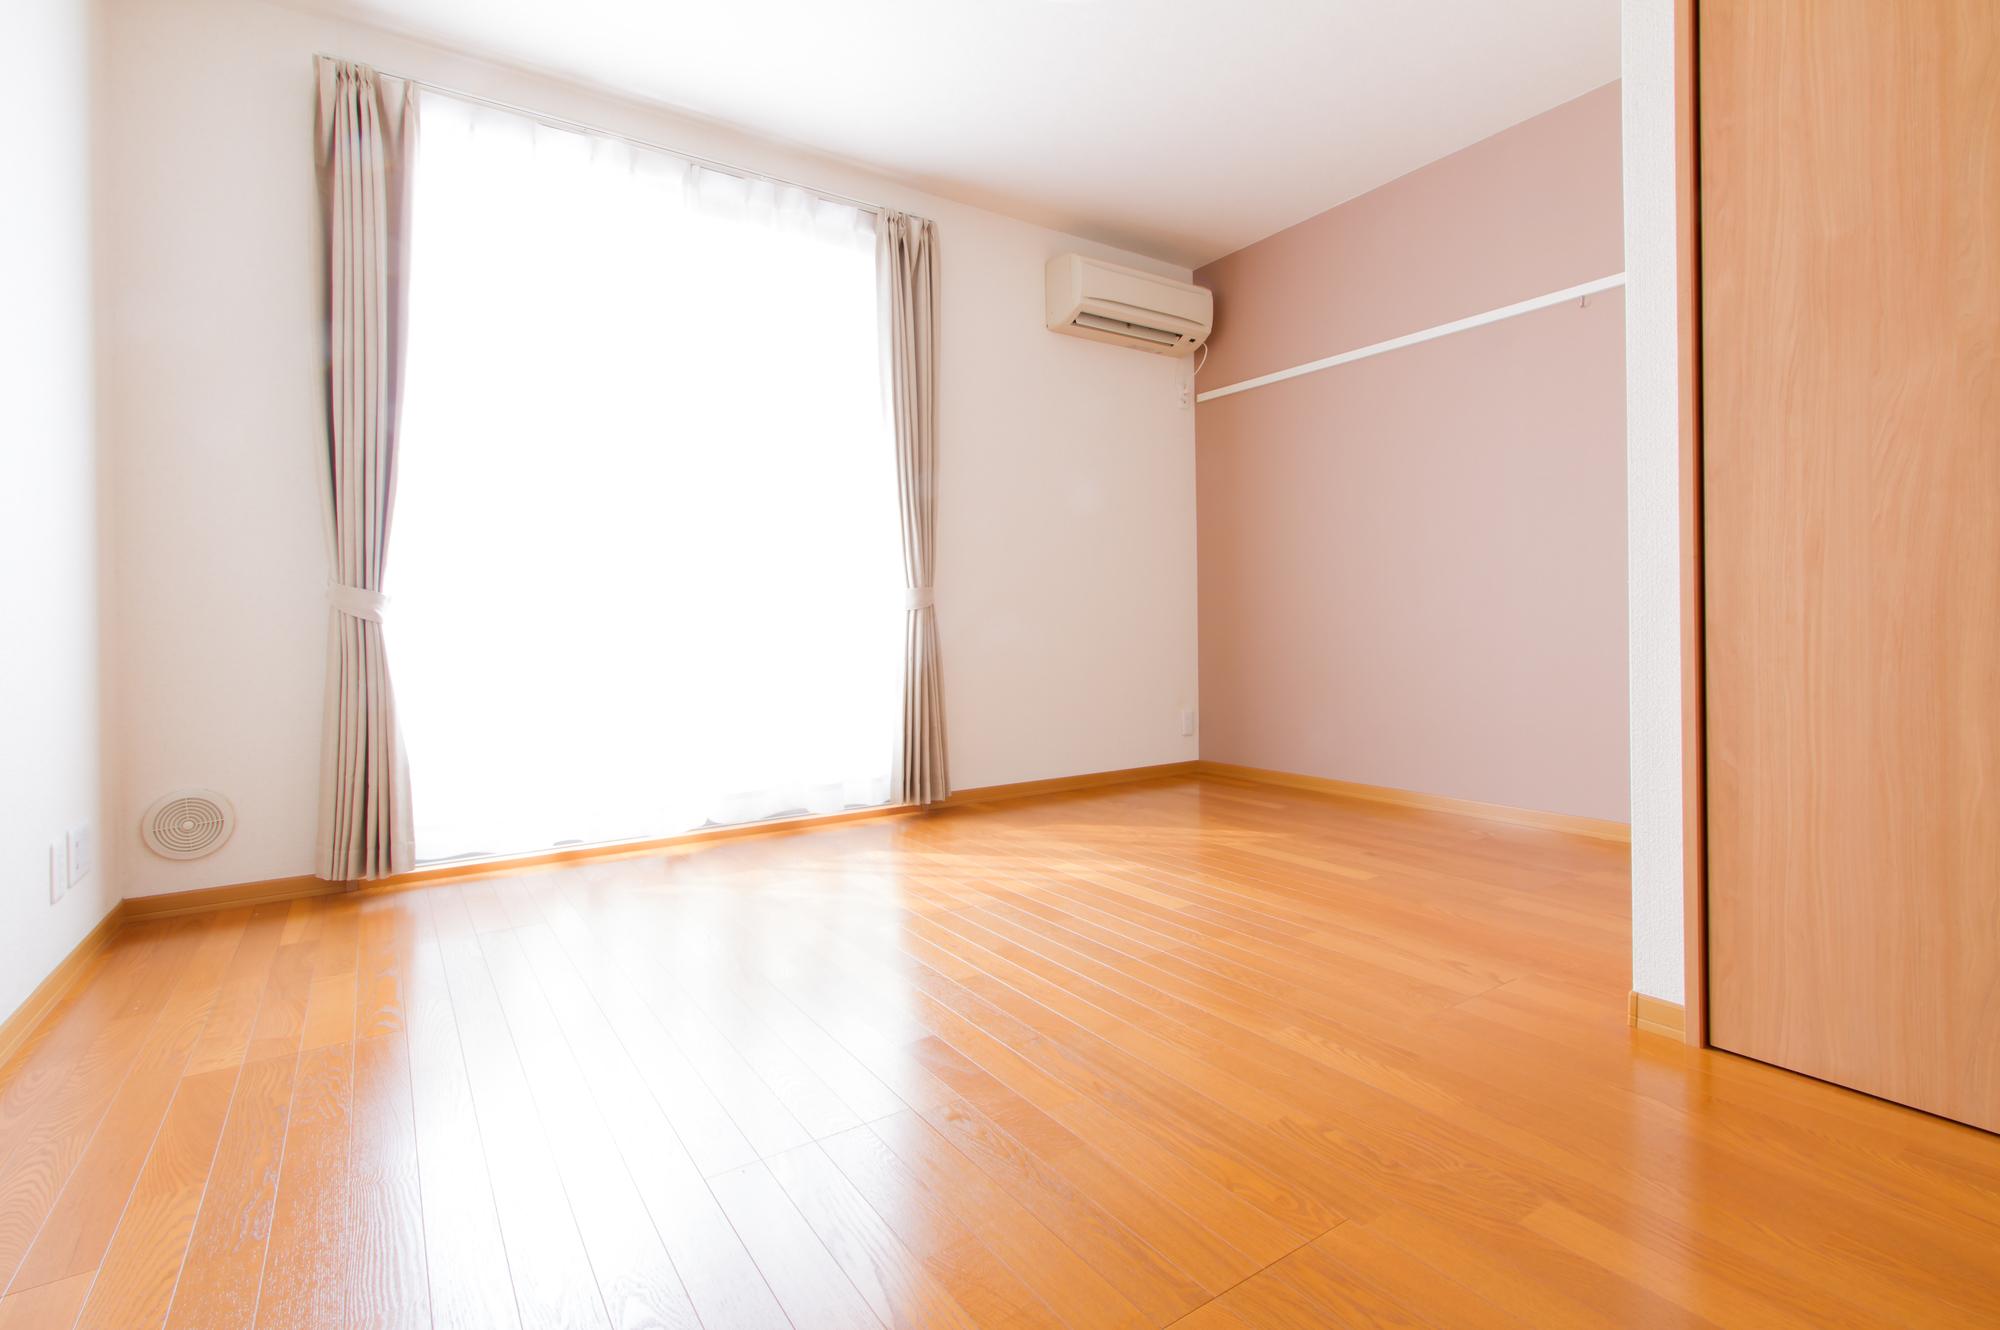 賃貸住宅でトラブルを避けたい人必見!東京都の資料が「使える」理由